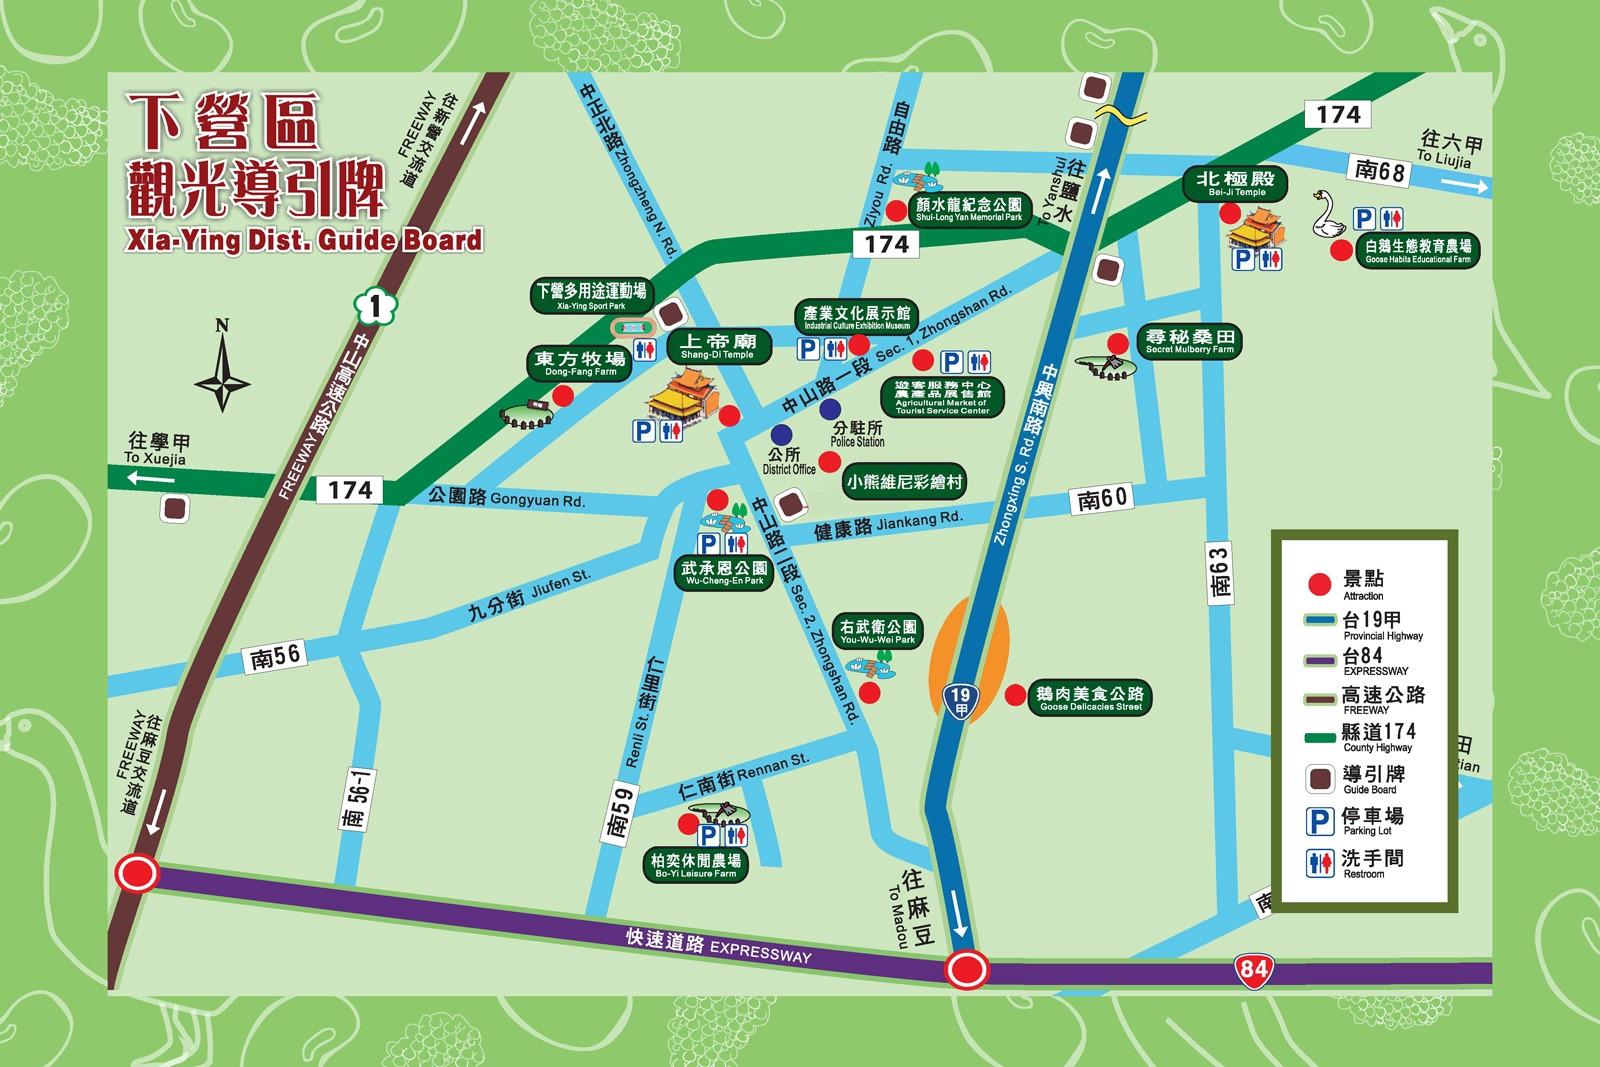 Tours at Xiaying